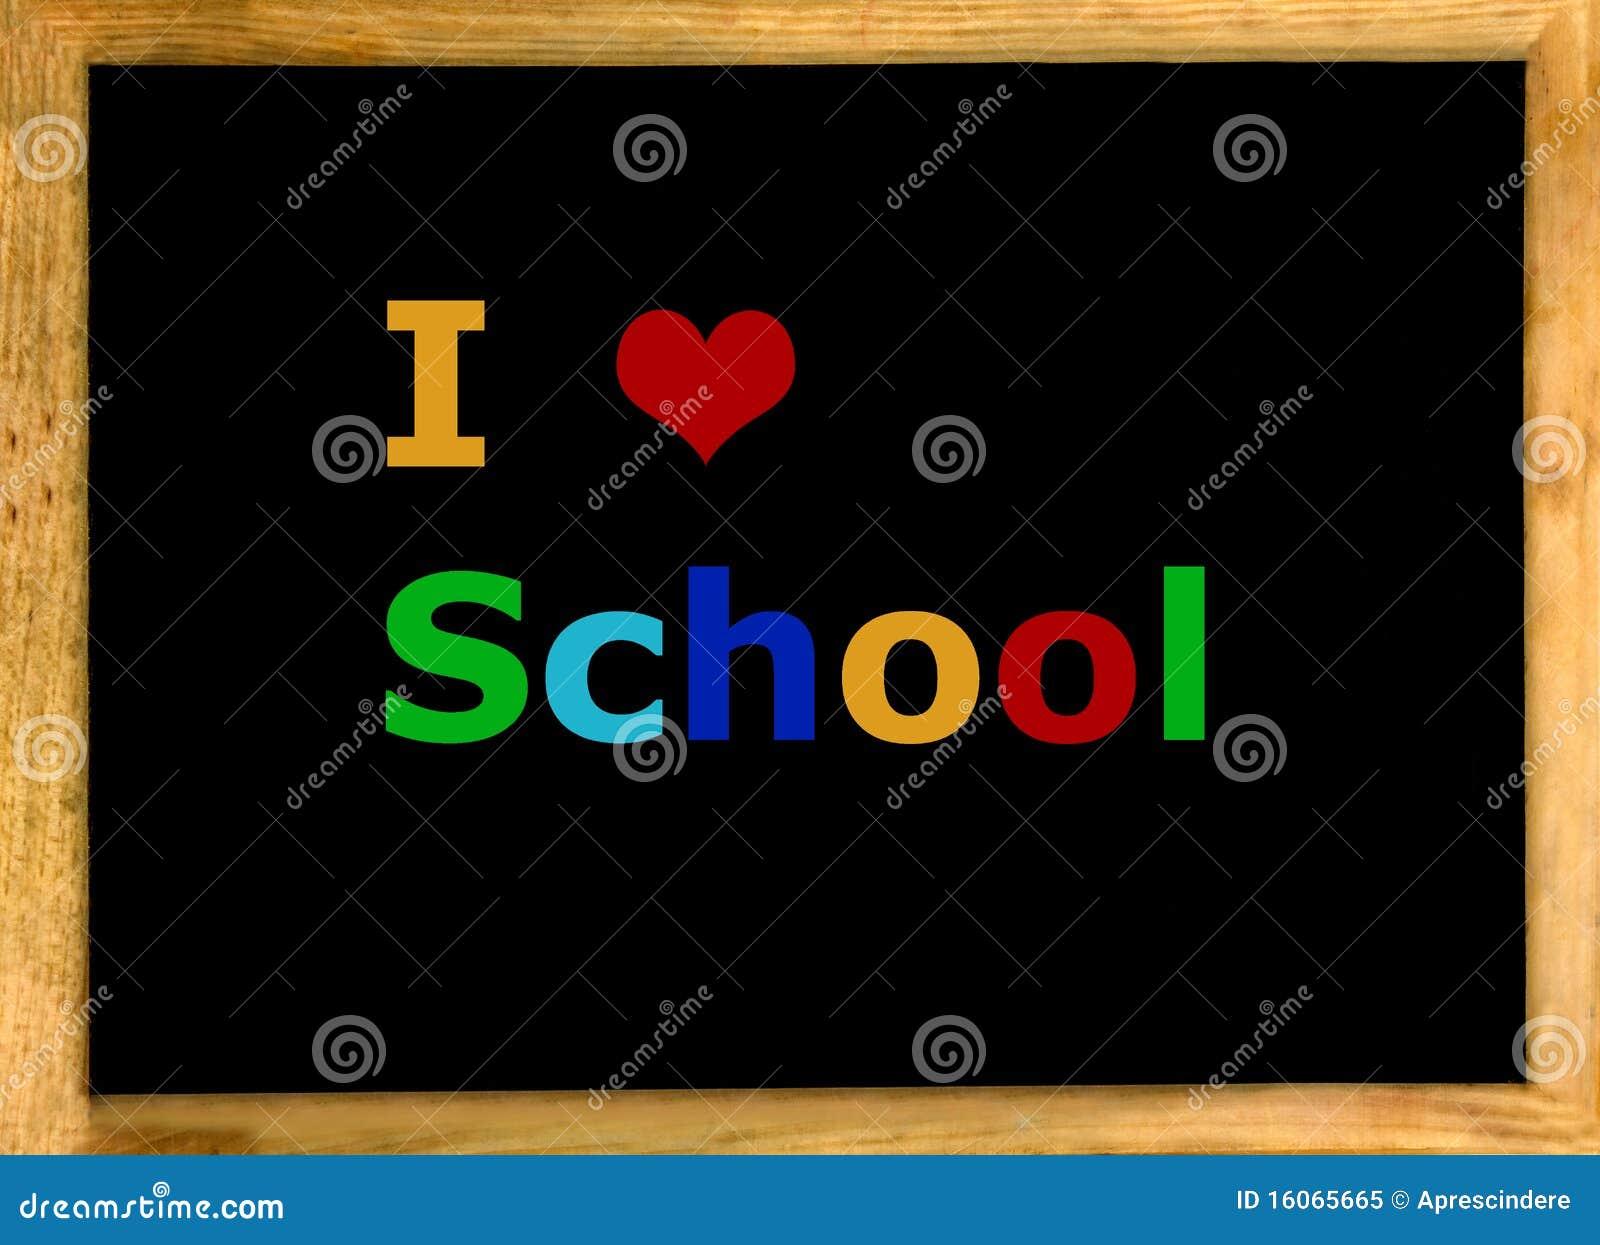 schule der liebe